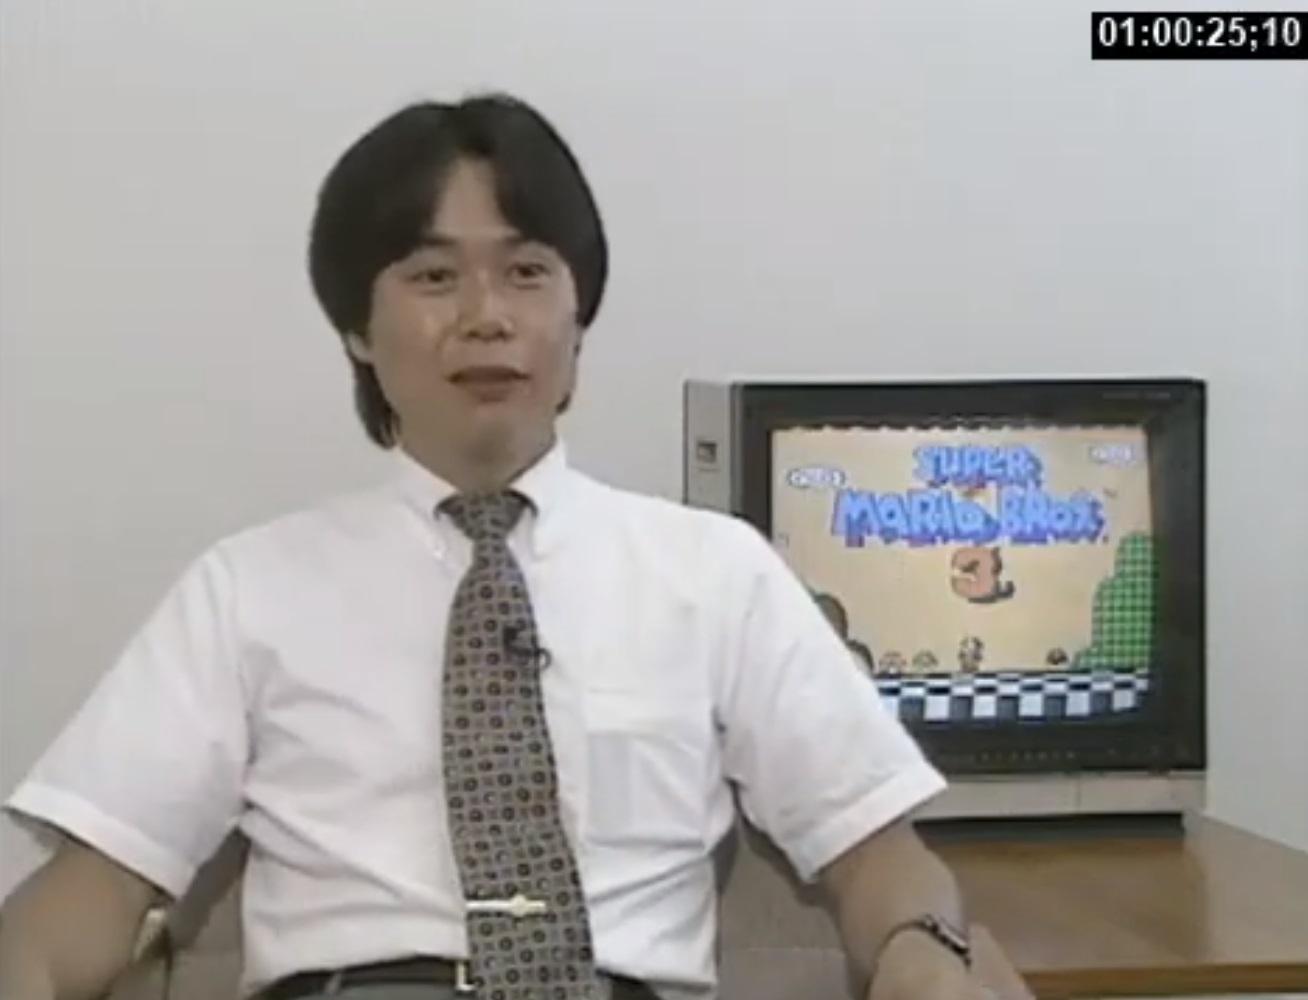 1990miyamotointabyu-02.jpg